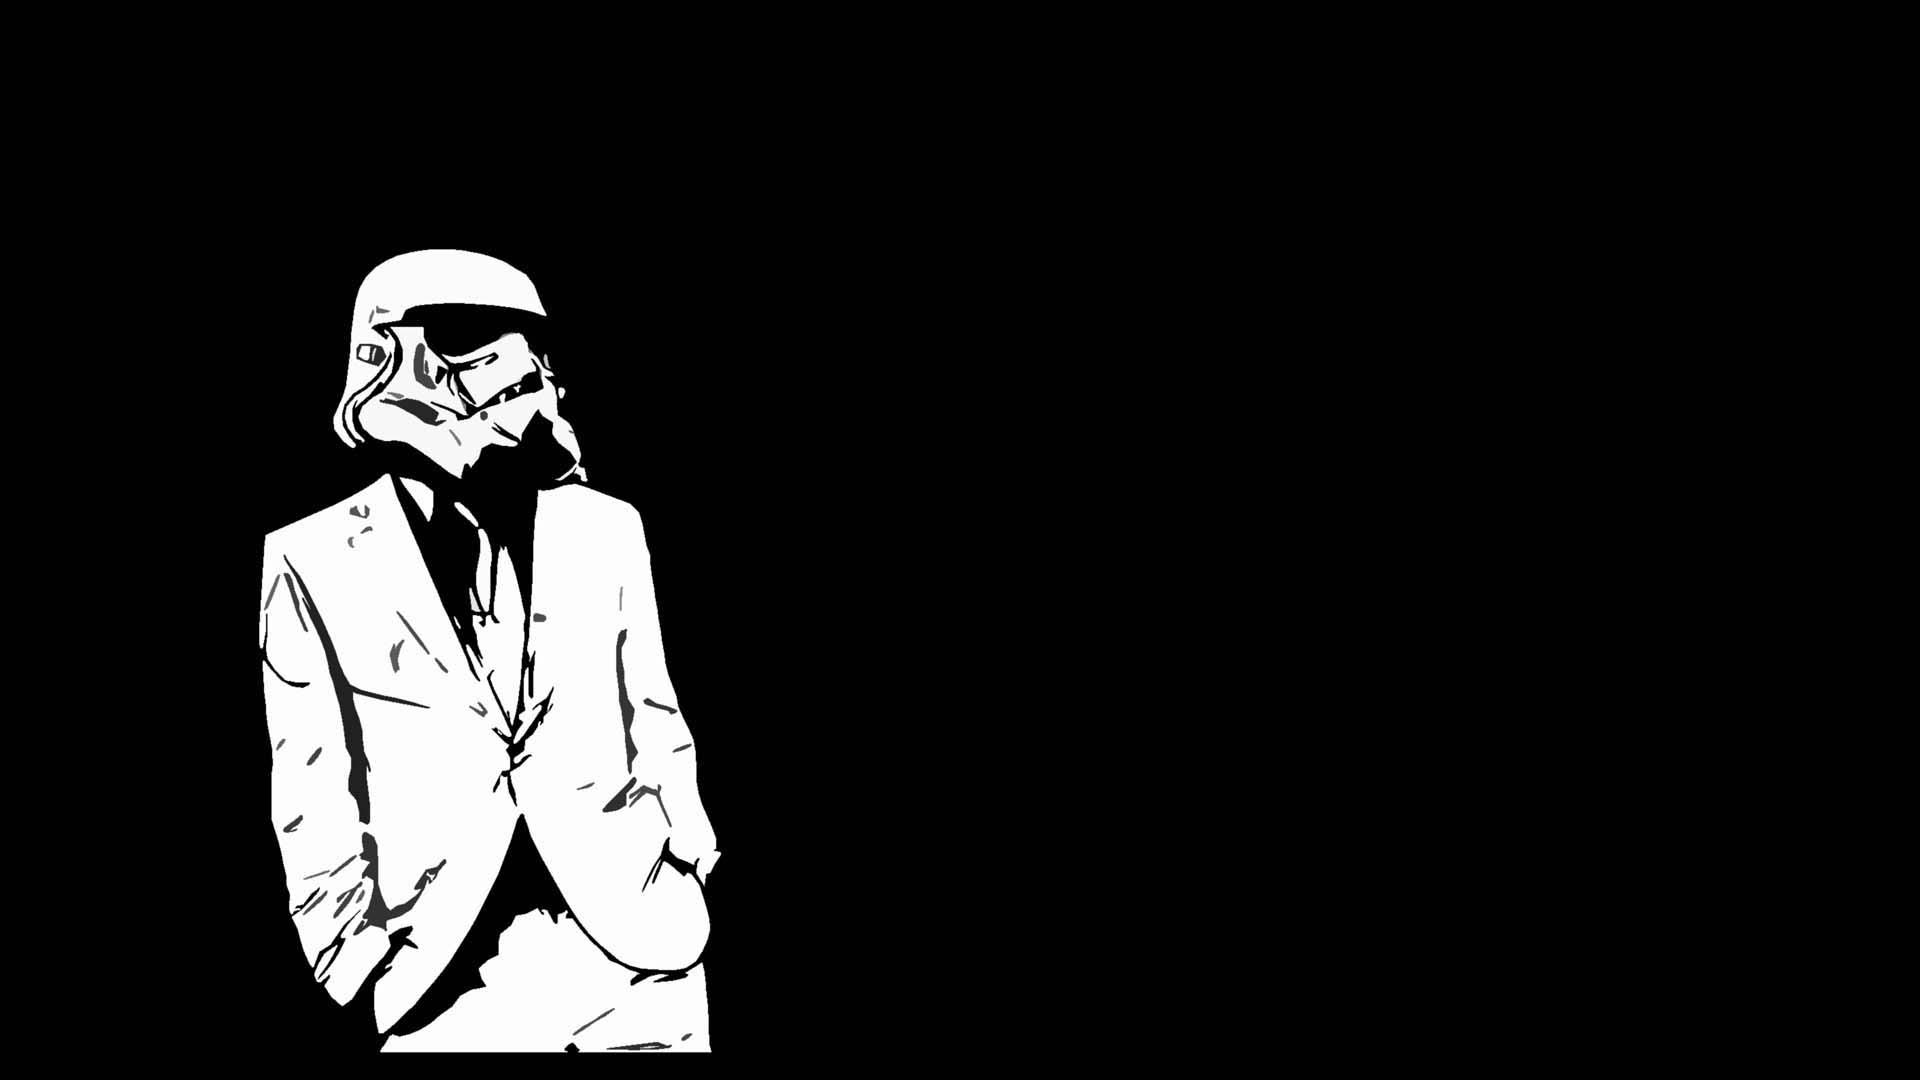 Stormtrooper Suit Wallpaper